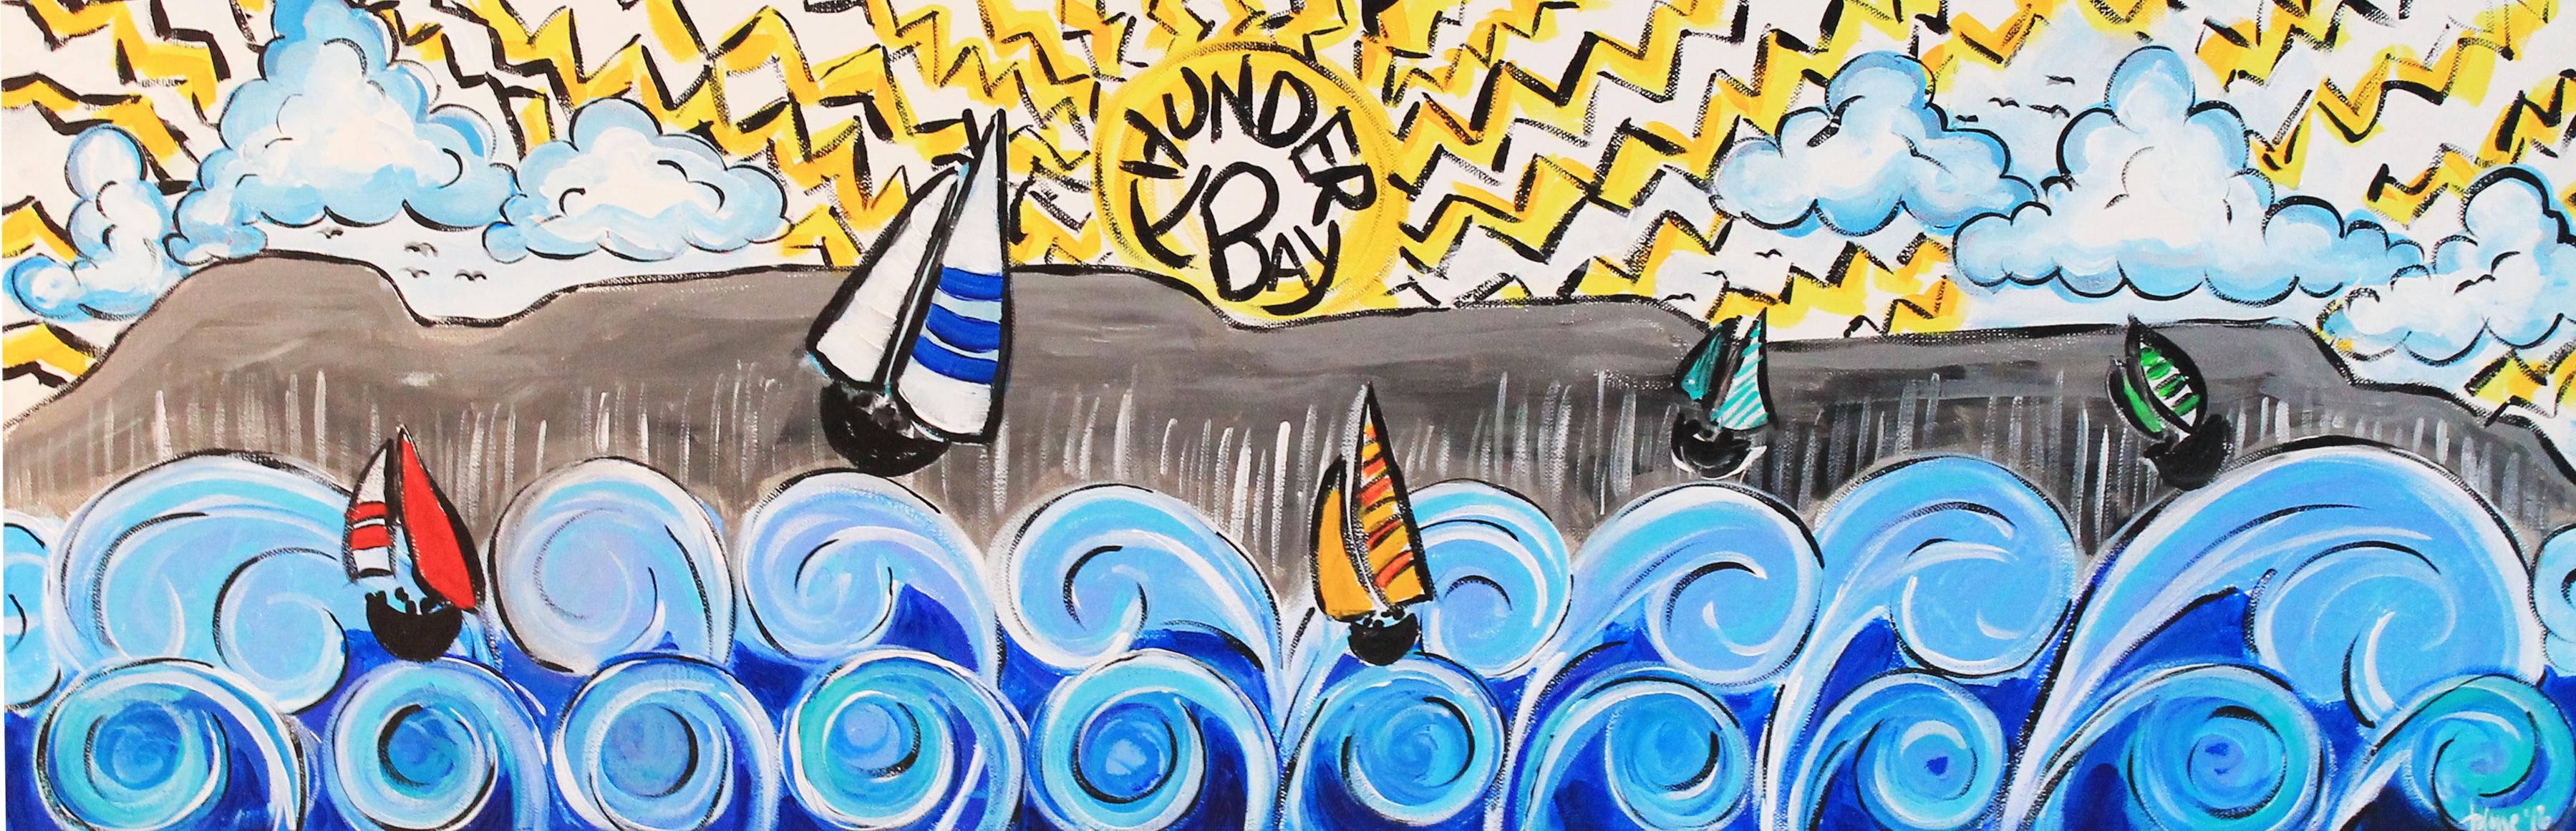 Sailing #2 (sold)